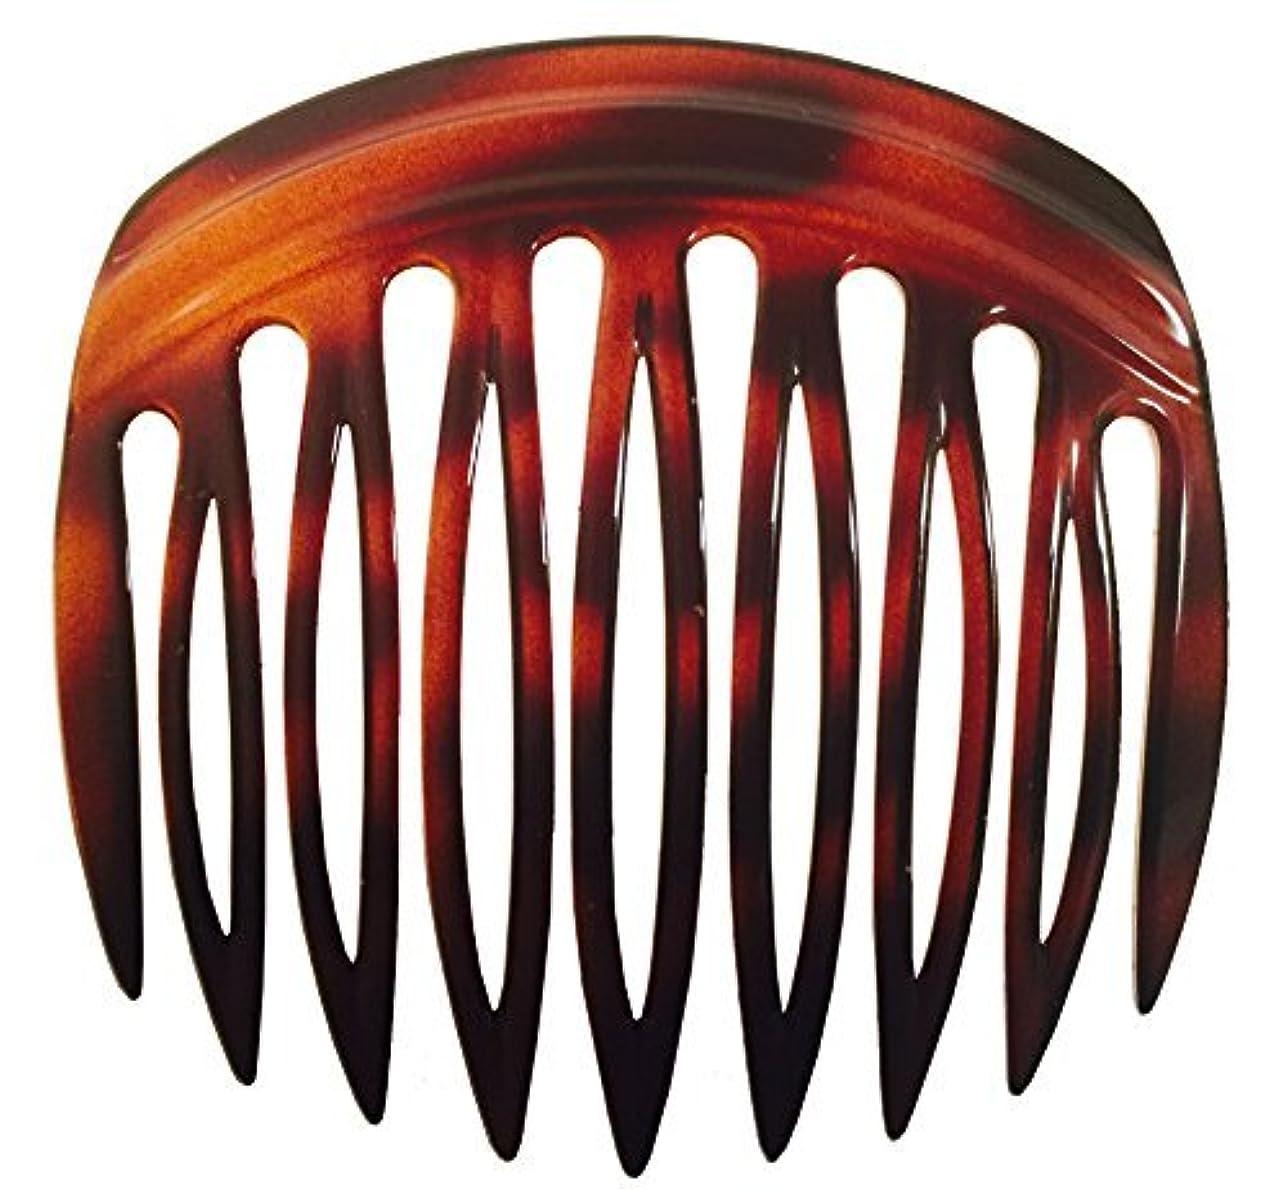 びっくりするに沿ってもっともらしいParcelona French Arch 2 Pieces Celluloid Tortoise Shell 9 Teeth Hair Side Comb Pair [並行輸入品]